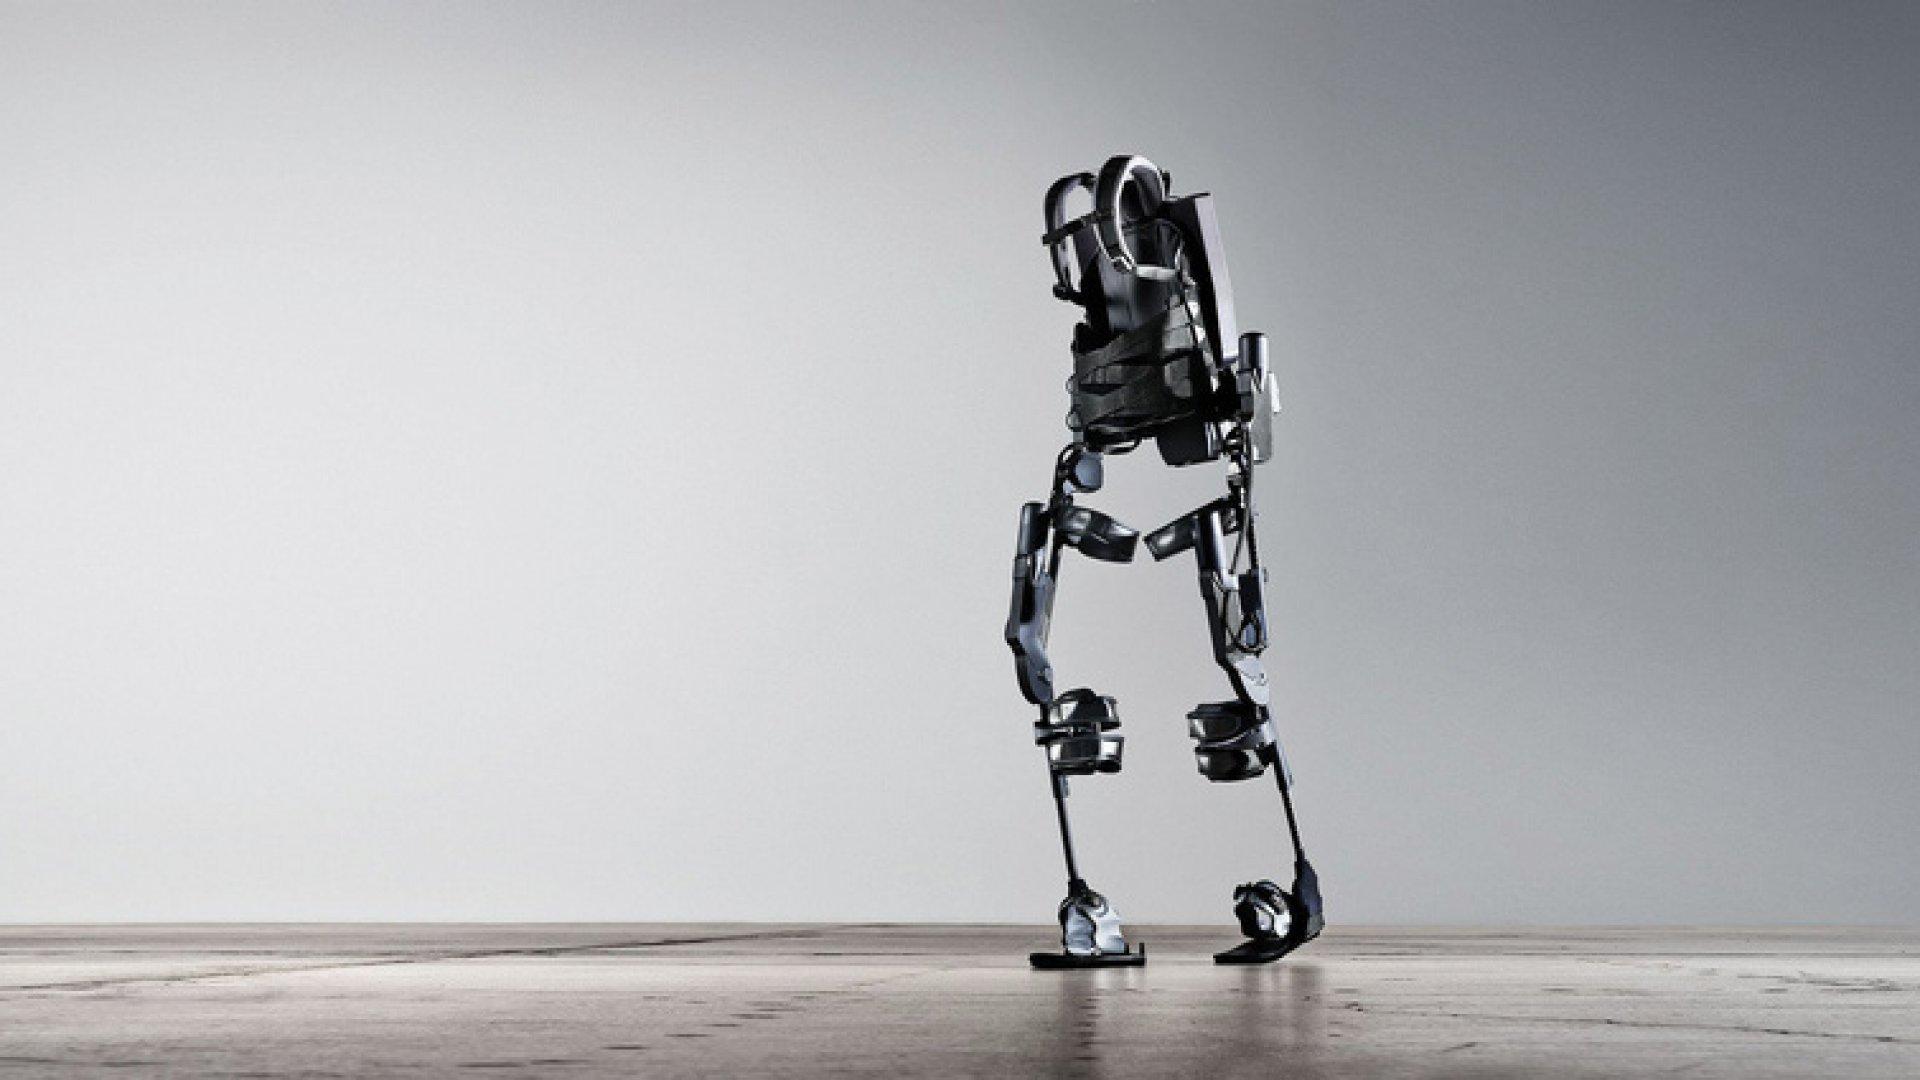 The Bionic Exoskeleton, designed by Ekso Bionics.